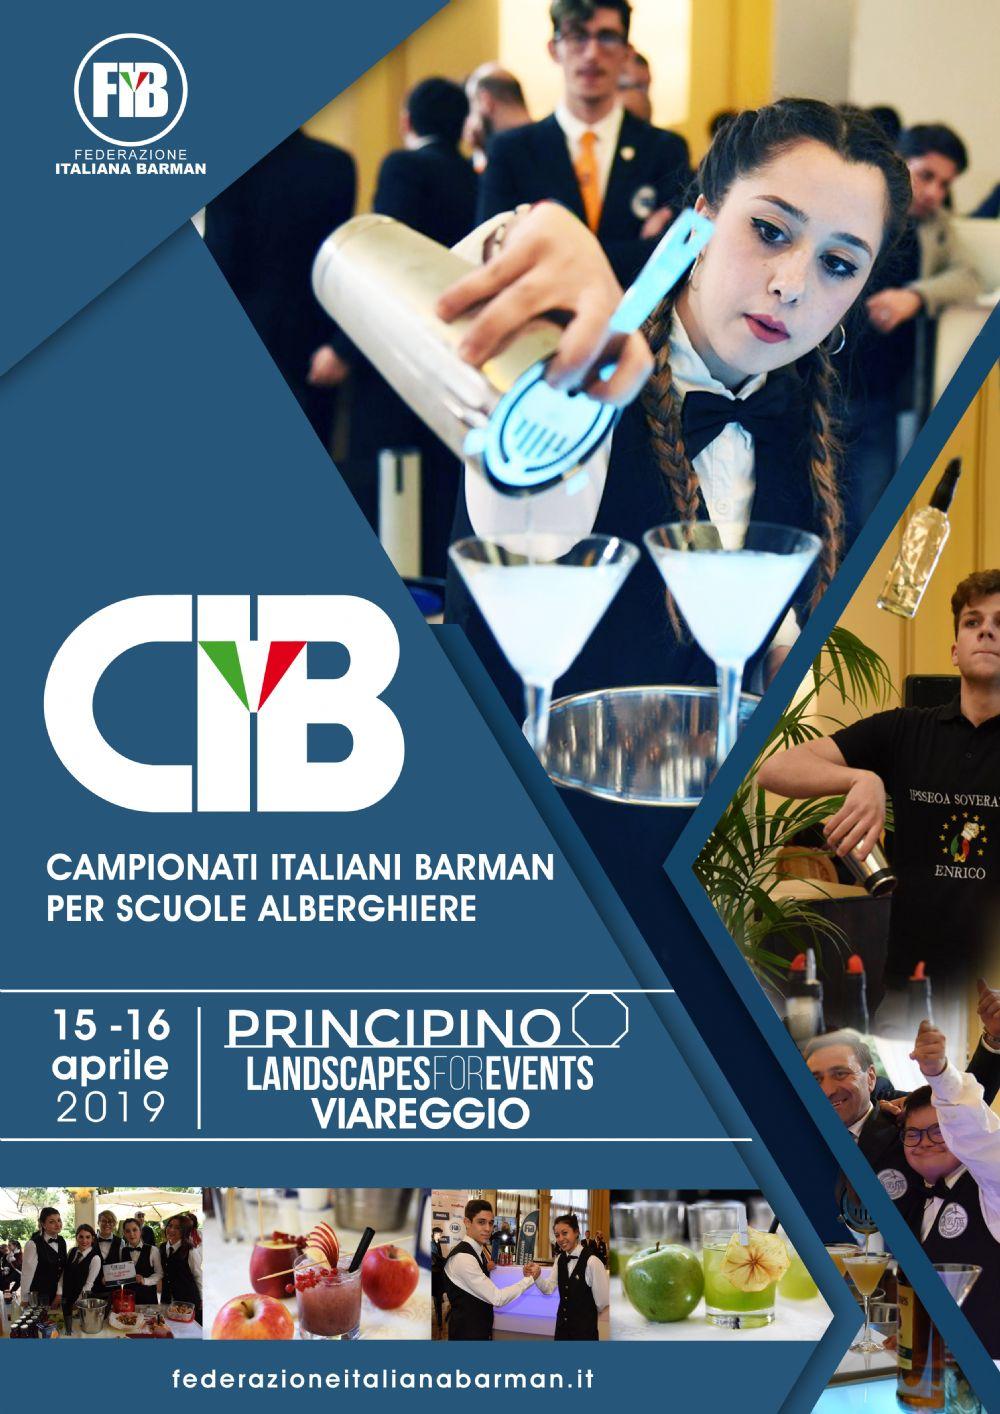 CIB - Campionati Italiani Barman per Scuole Alberghiere | Viareggio, 15-16.04.2019